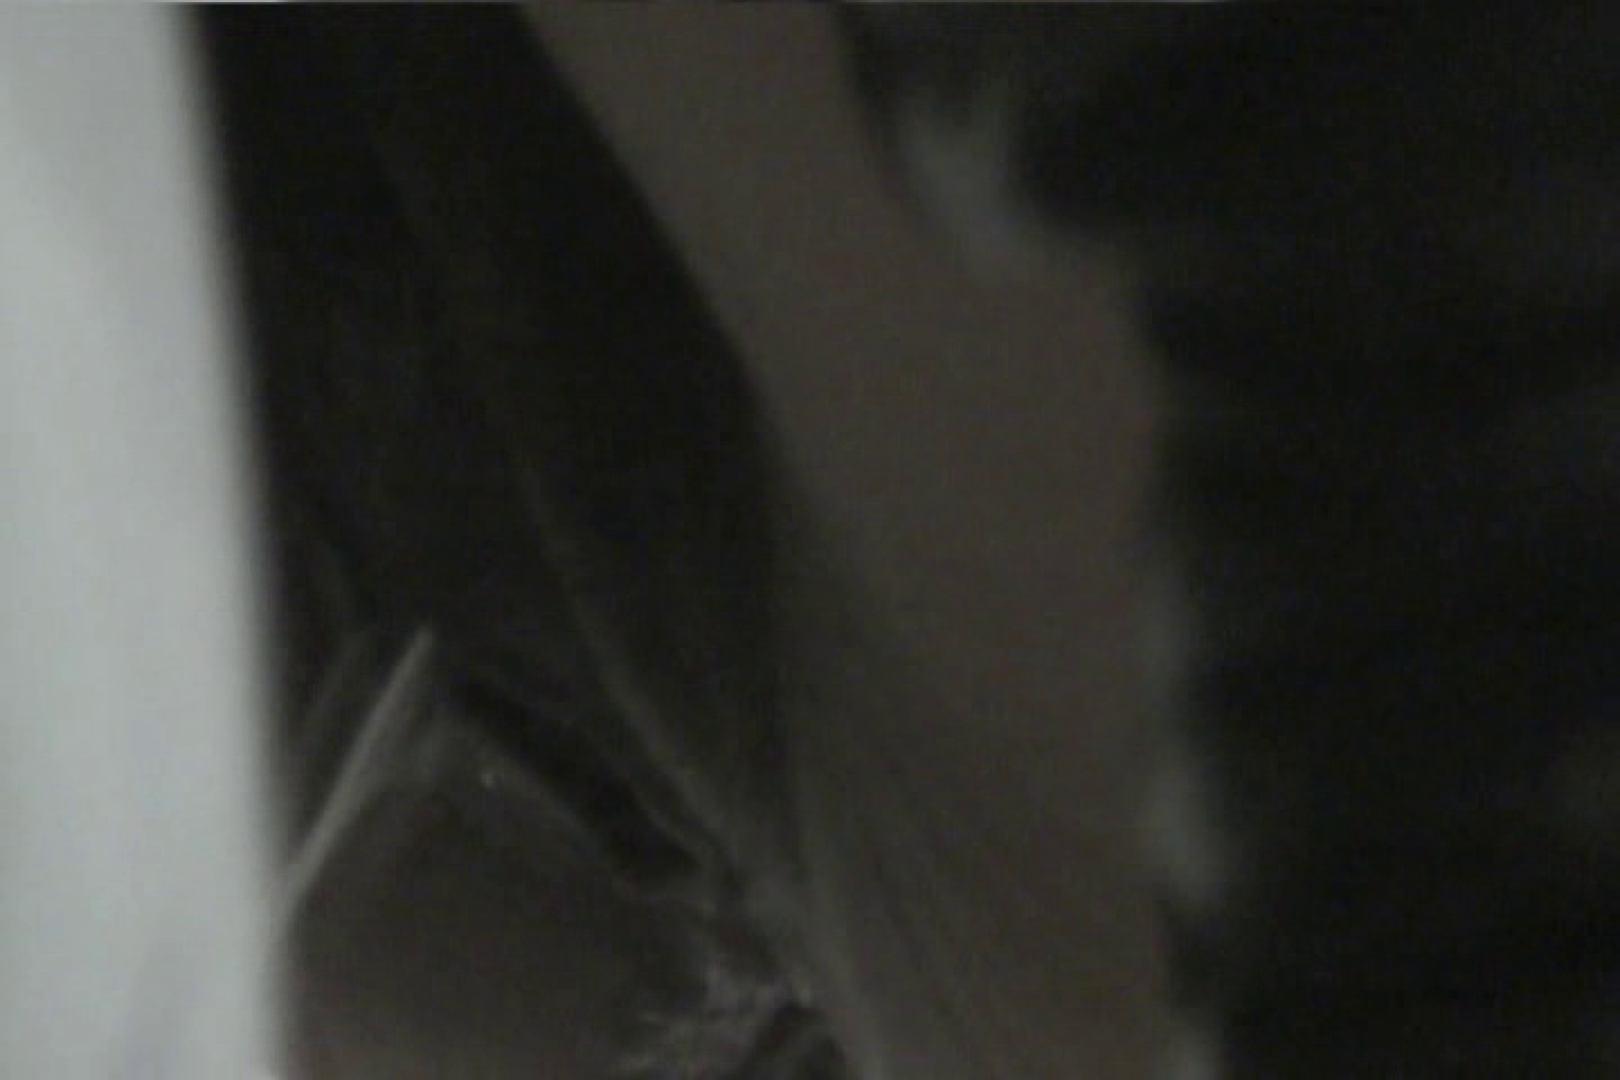 マンコ丸見え女子洗面所Vol.22 美女OL | マンコ映像  45連発 17